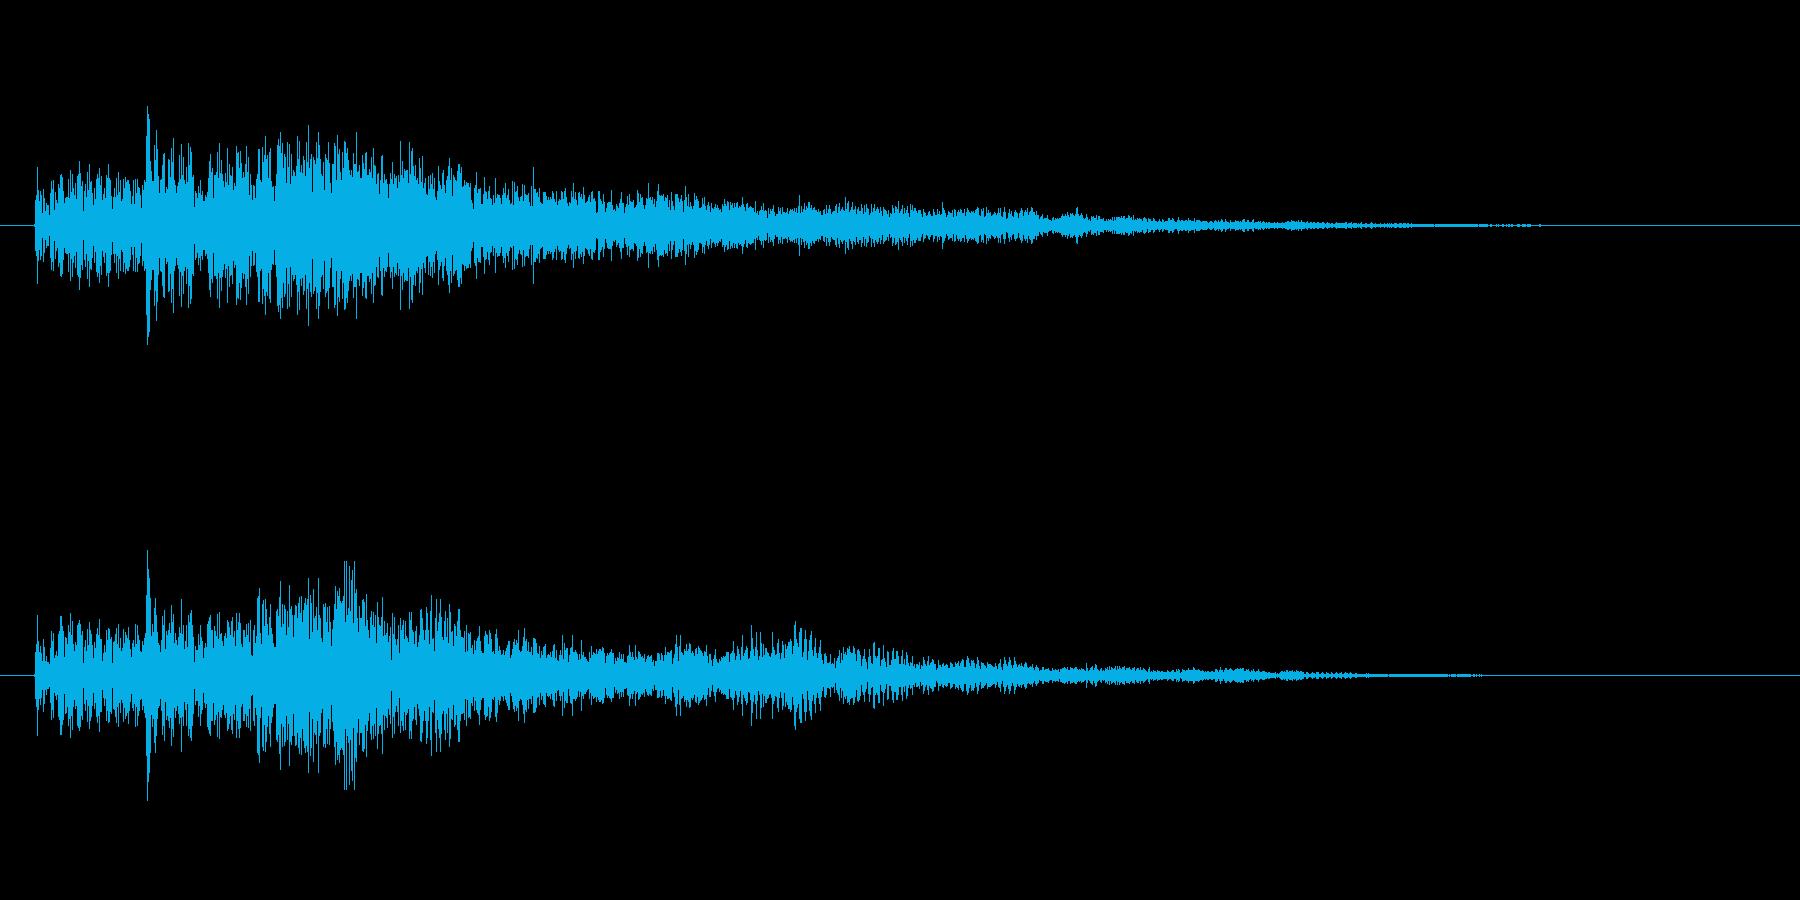 レベルアップ用音源オーケストラテクノ音源の再生済みの波形